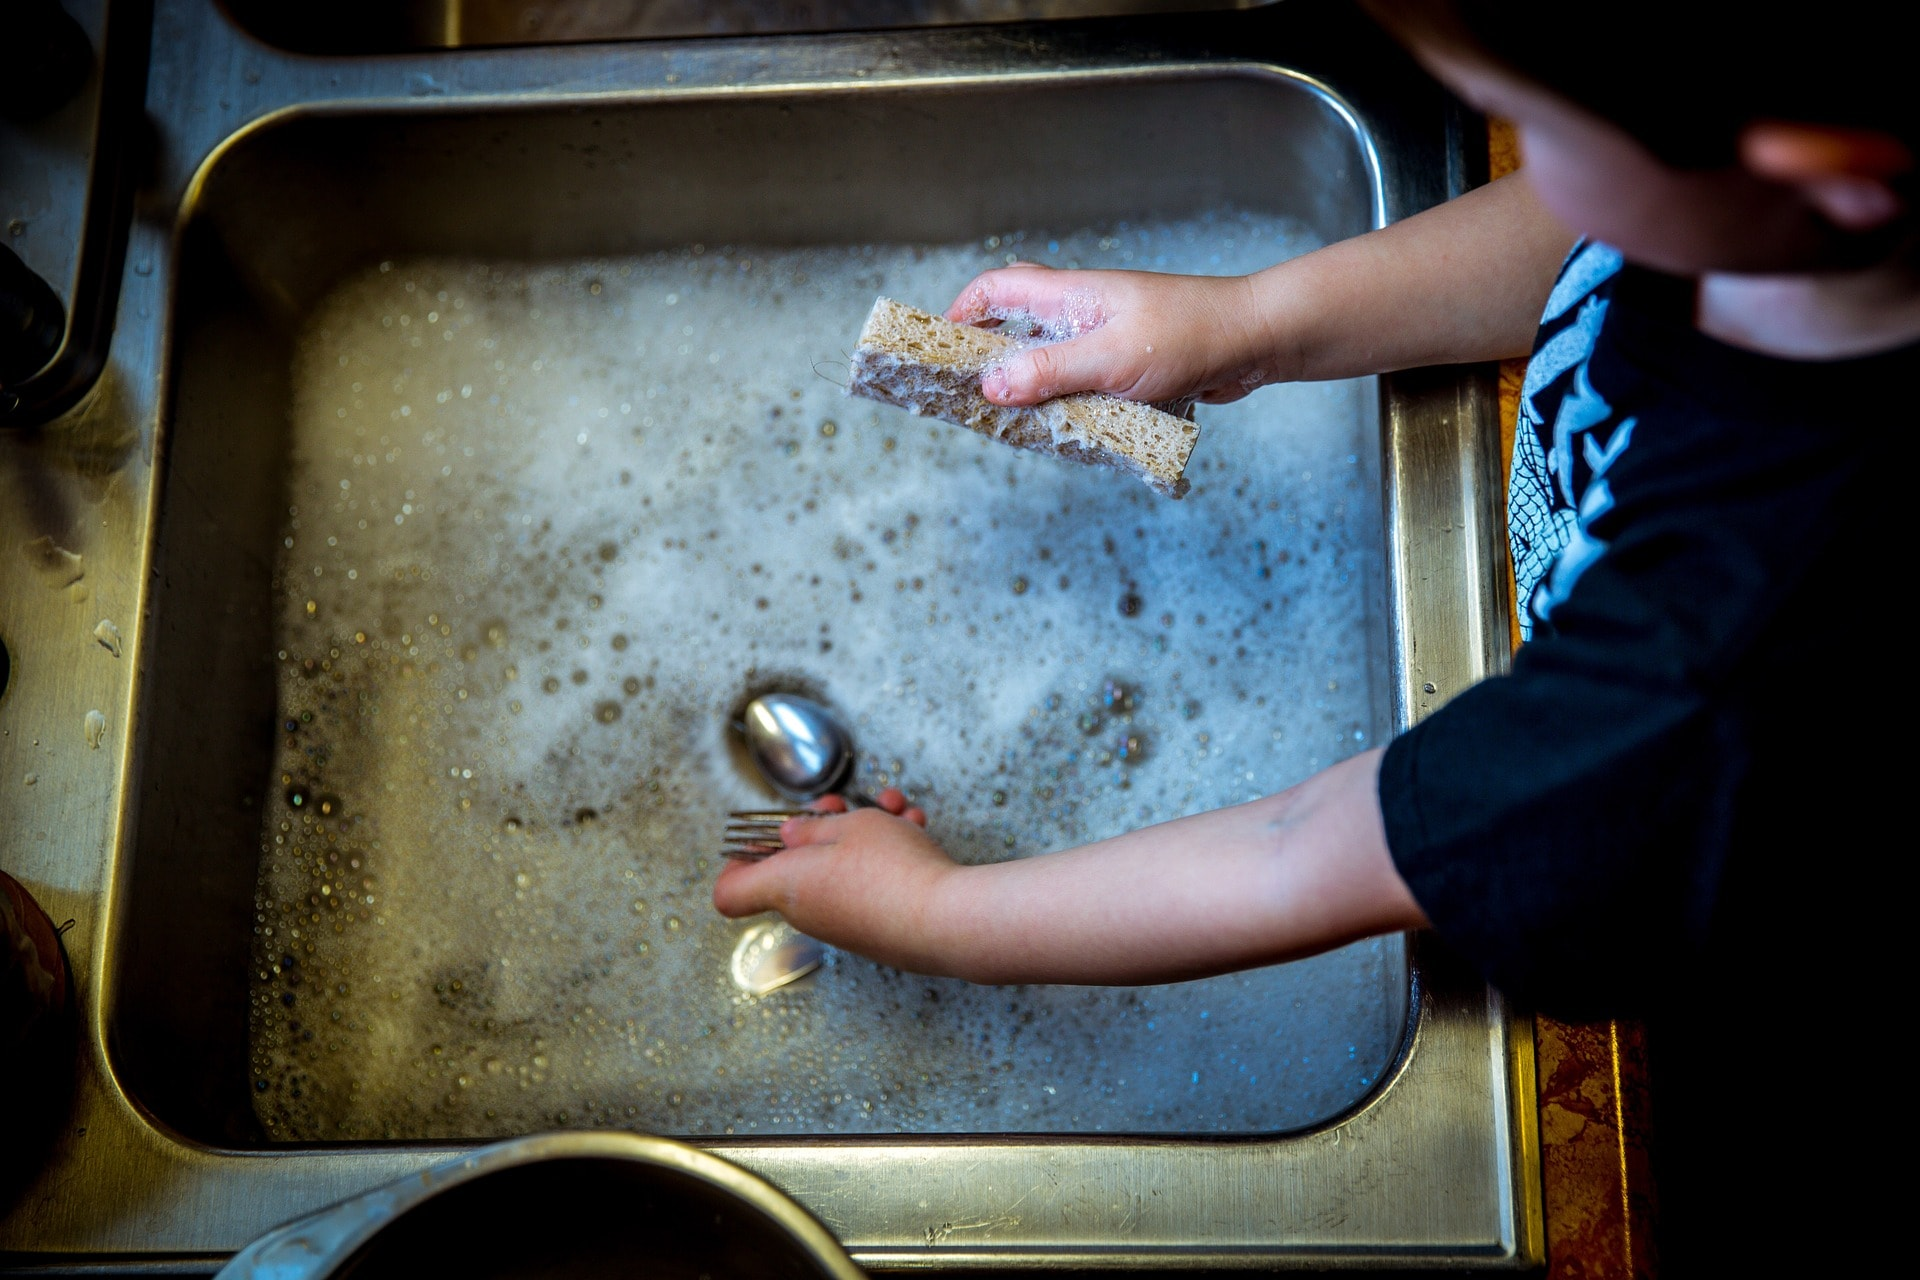 Altersangepasste Aufgaben für Kinder im Haushalt für Familien